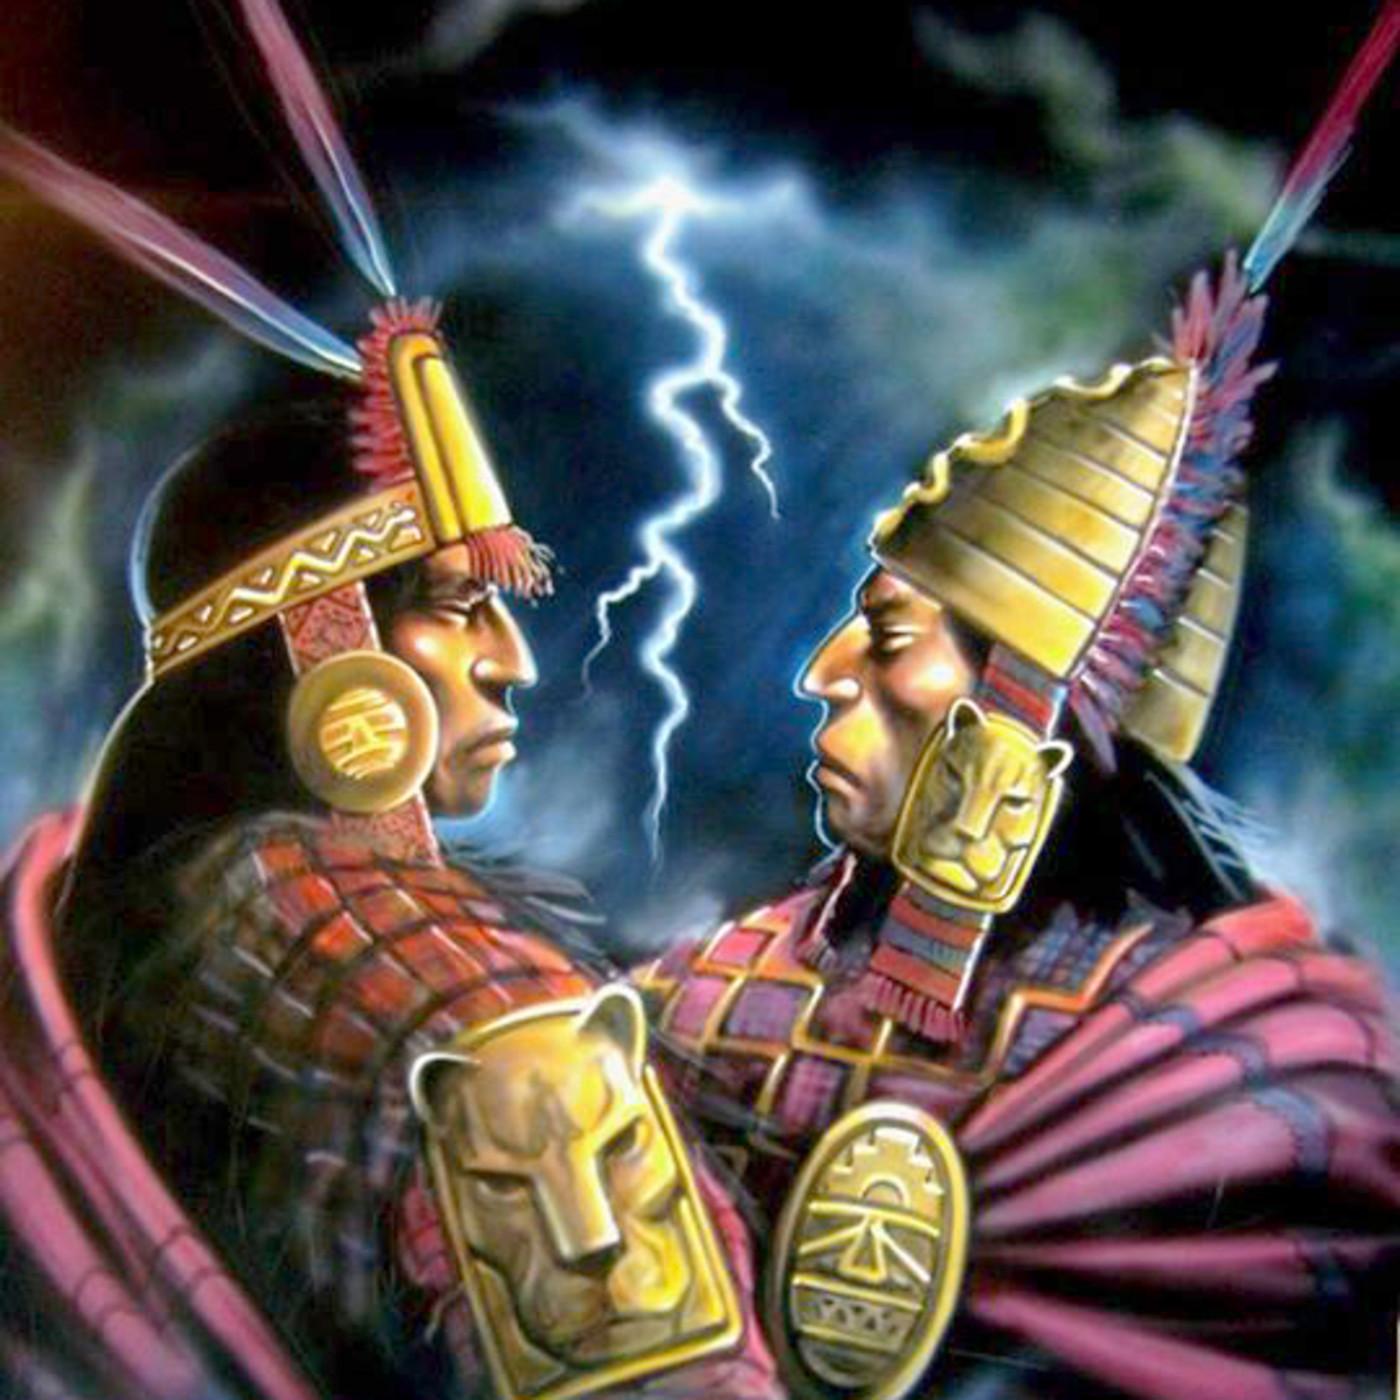 La guerra entre Incas